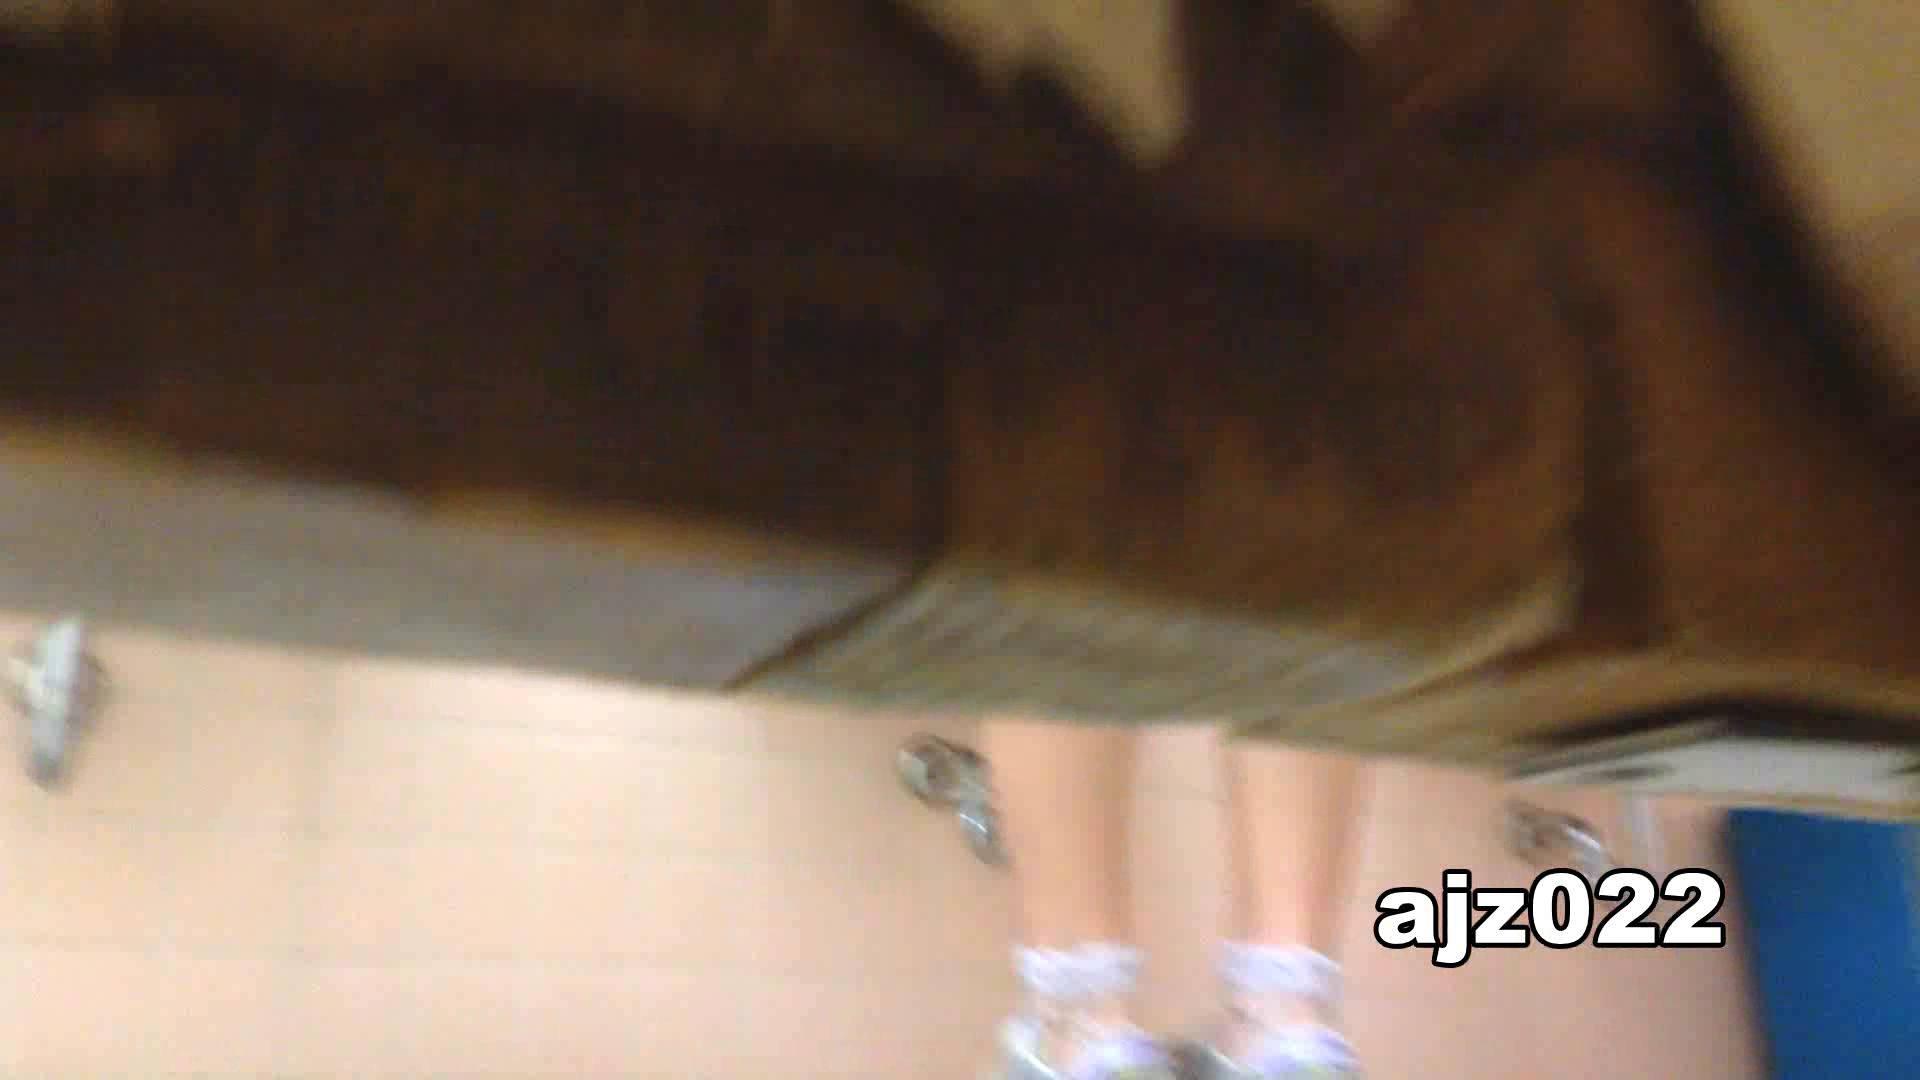 某有名大学女性洗面所 vol.22 和式 盗み撮り動画 11枚 11